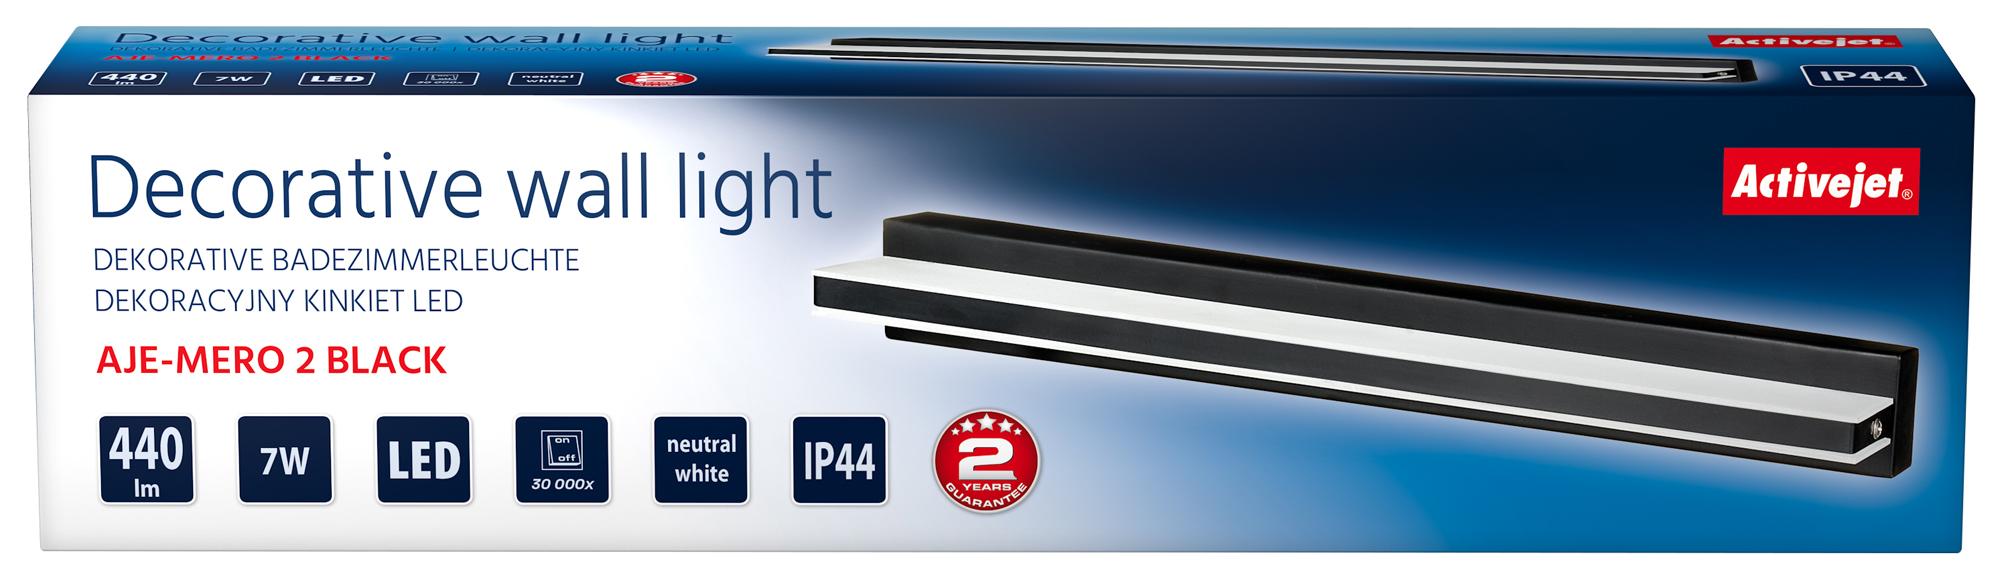 Kinkiet dekoracyjny LED AJE-MERO 2 BLACK IP44